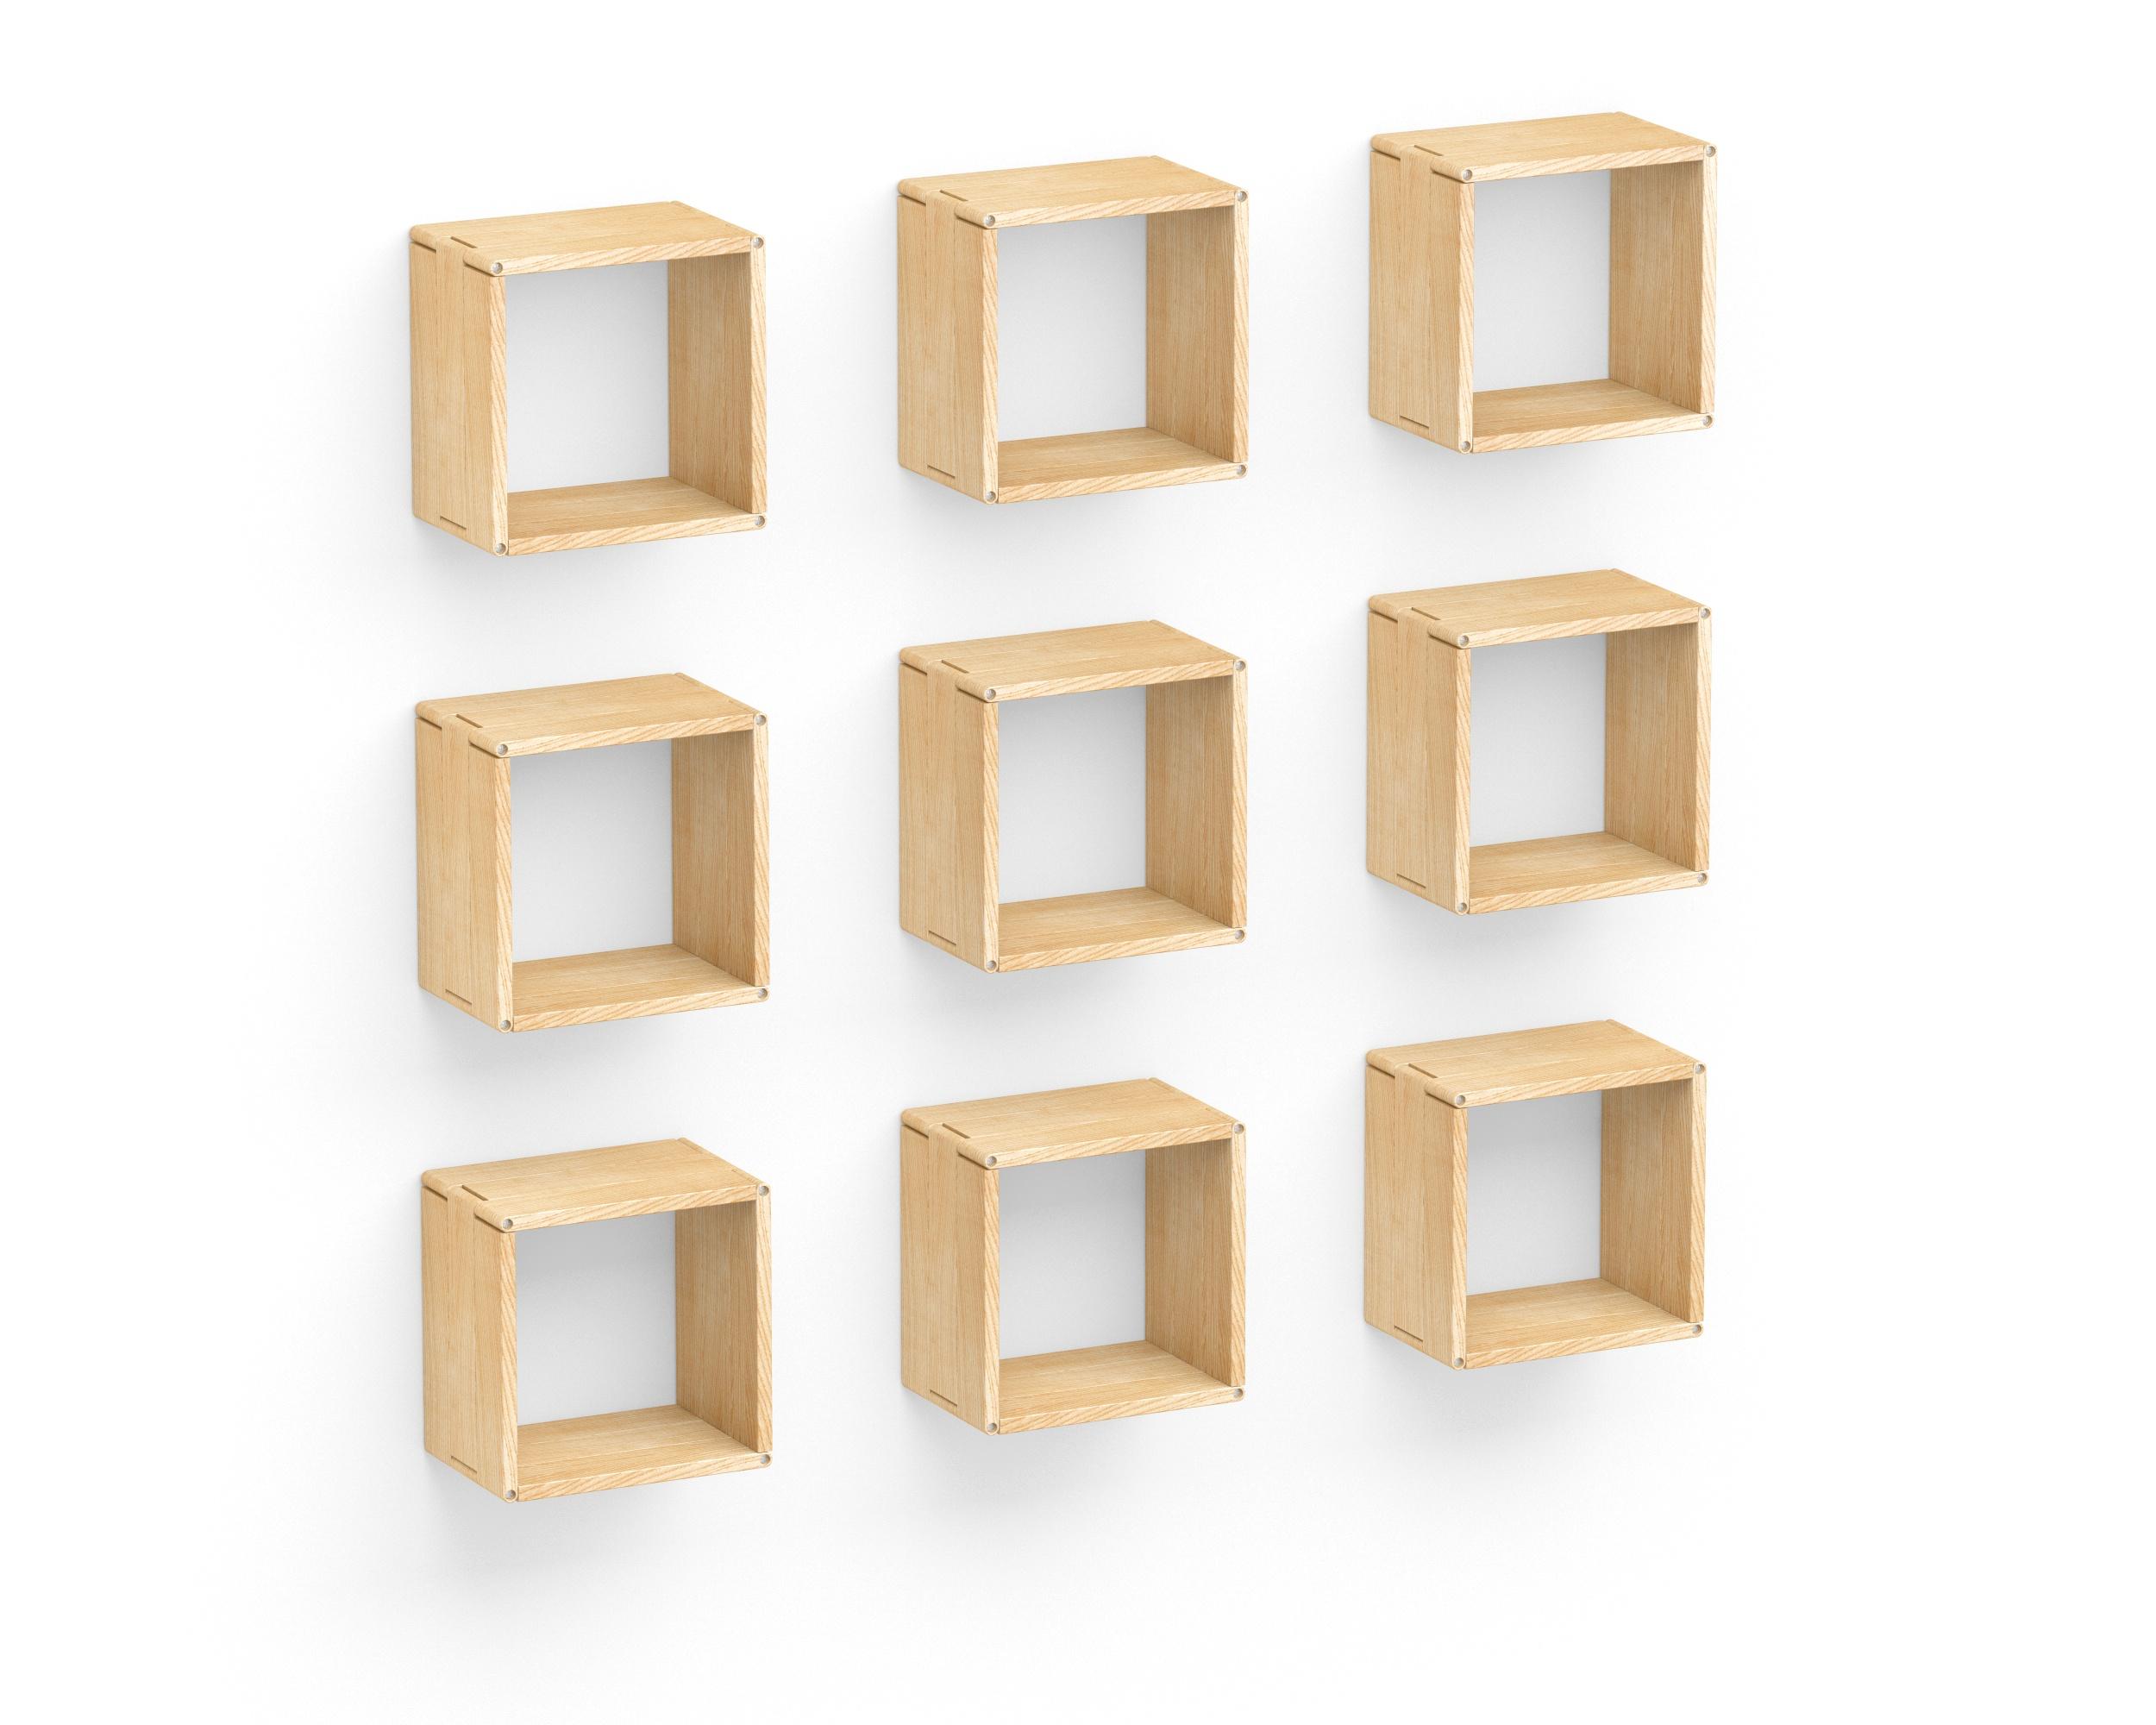 Полка-конструктор LATITUDE Flex Shelf set 101Полки<br>Сложно представить себе систему хранения, лучше подходящую для современных пространств в скандинавском эко-стиле. Ведь &amp;quot;Latitude Flex Shelf Set 101&amp;quot; ? это практичность оригинальных форм и красота естественного природного великолепия. Другими словами, это то, что так необходимо популярному сегодня оформлению. Теплота натурального дерева, лаконичность объемных пропорций, возможность создавать уникальные композиции ? прекрасный тандем, идеальный для аскетичных пространств, которым не хватает уюта.<br><br>Material: Ясень<br>Width см: 152<br>Depth см: 22<br>Height см: 152